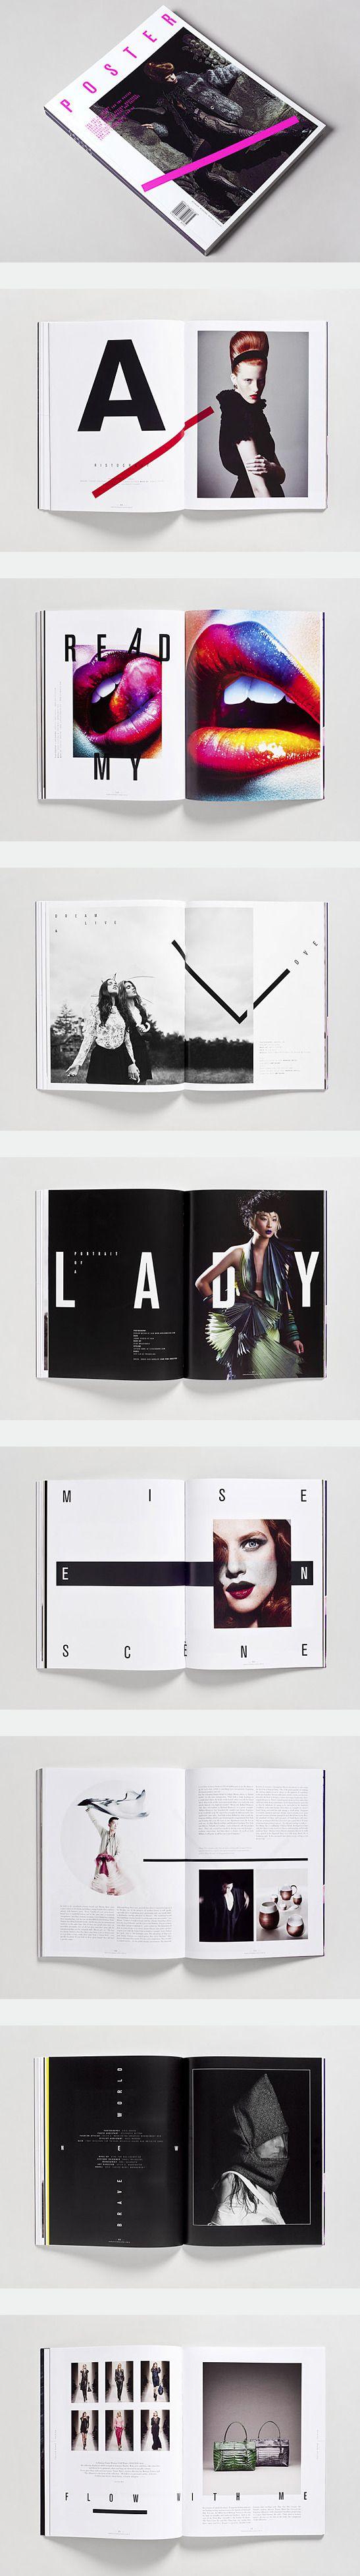 #Diseño #editorial porque todavía nos gusta pasar páginas de revistas o…                                                                                                                                                                                 Más